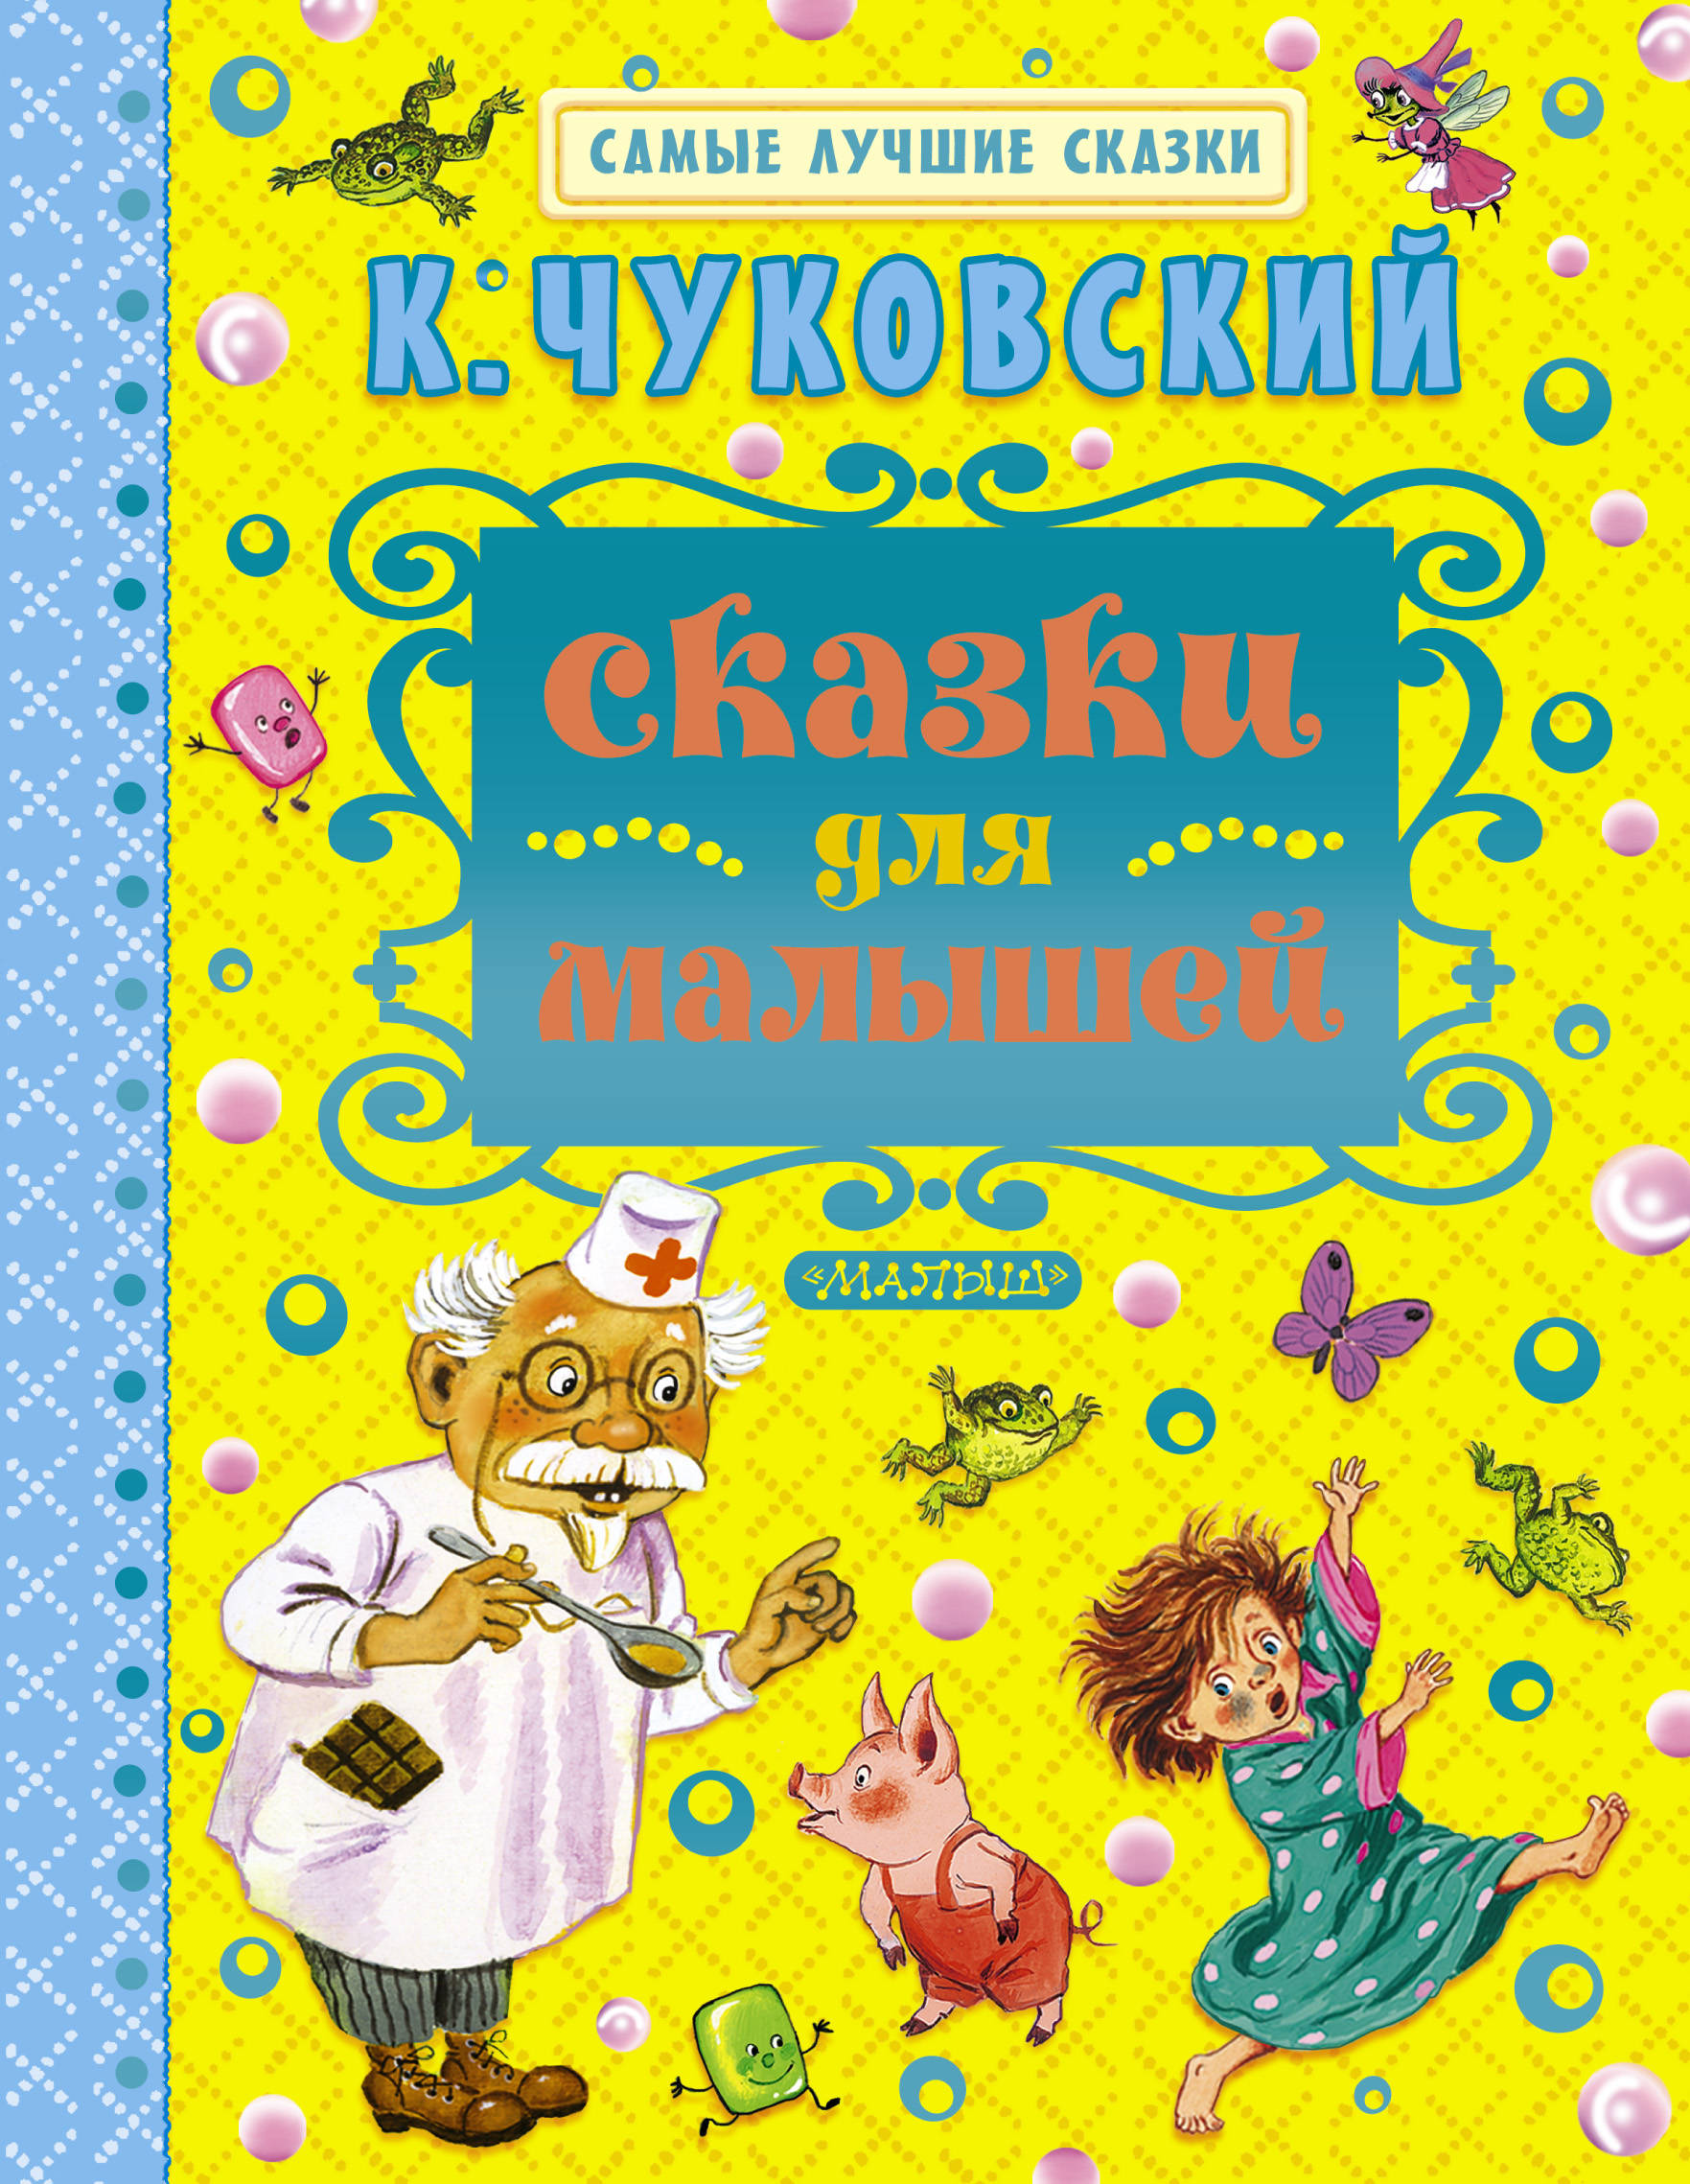 Чуковский К.И. Сказки для малышей